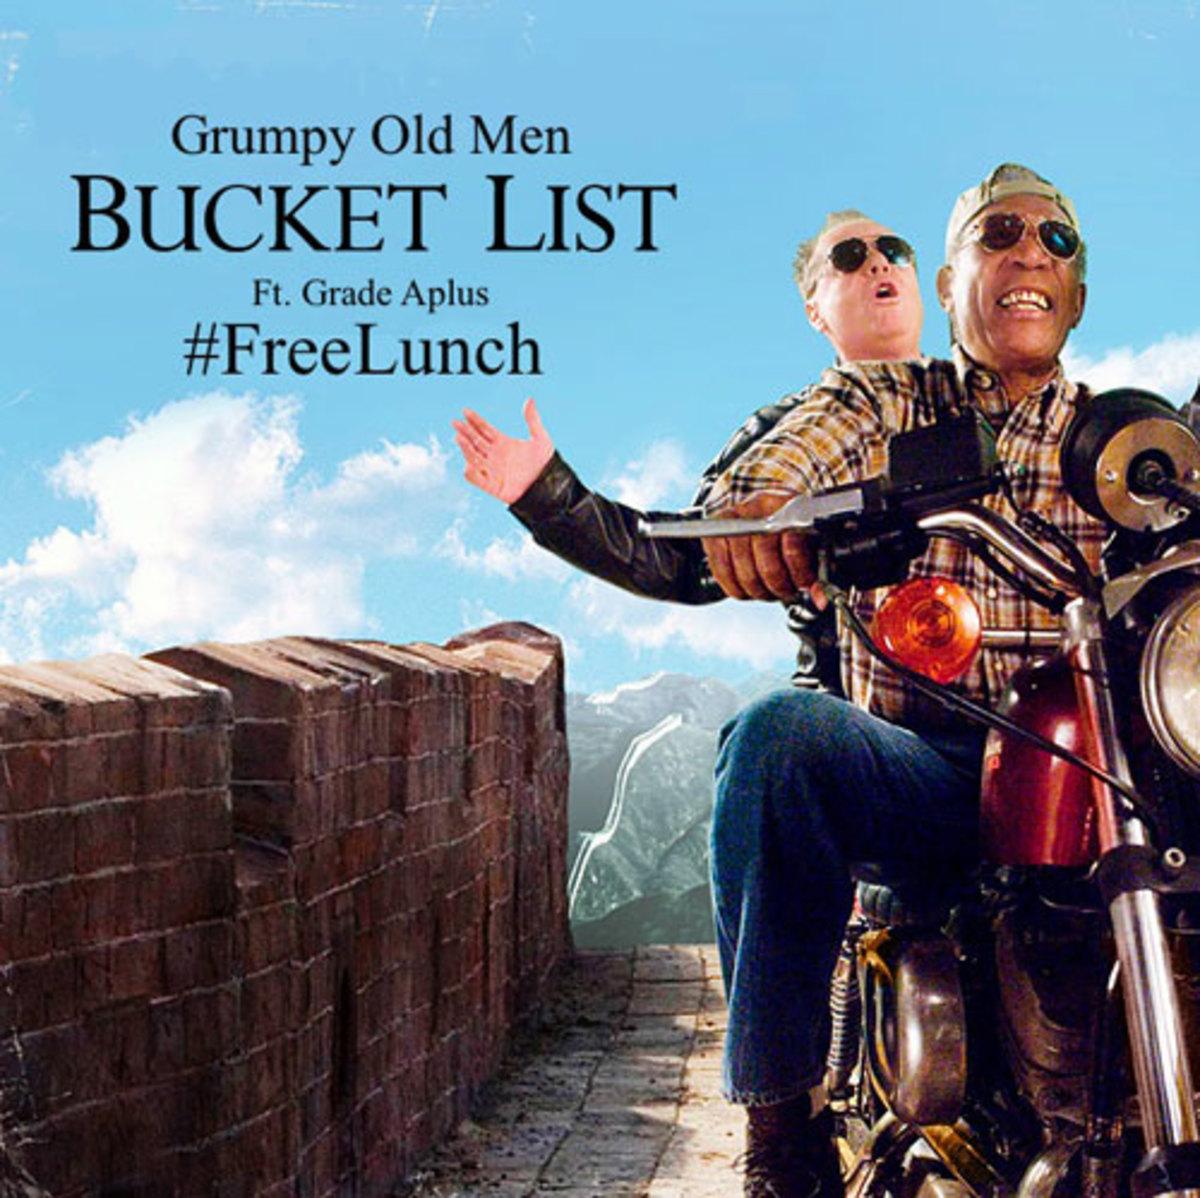 grumpyoldmen-bucketlist.jpg